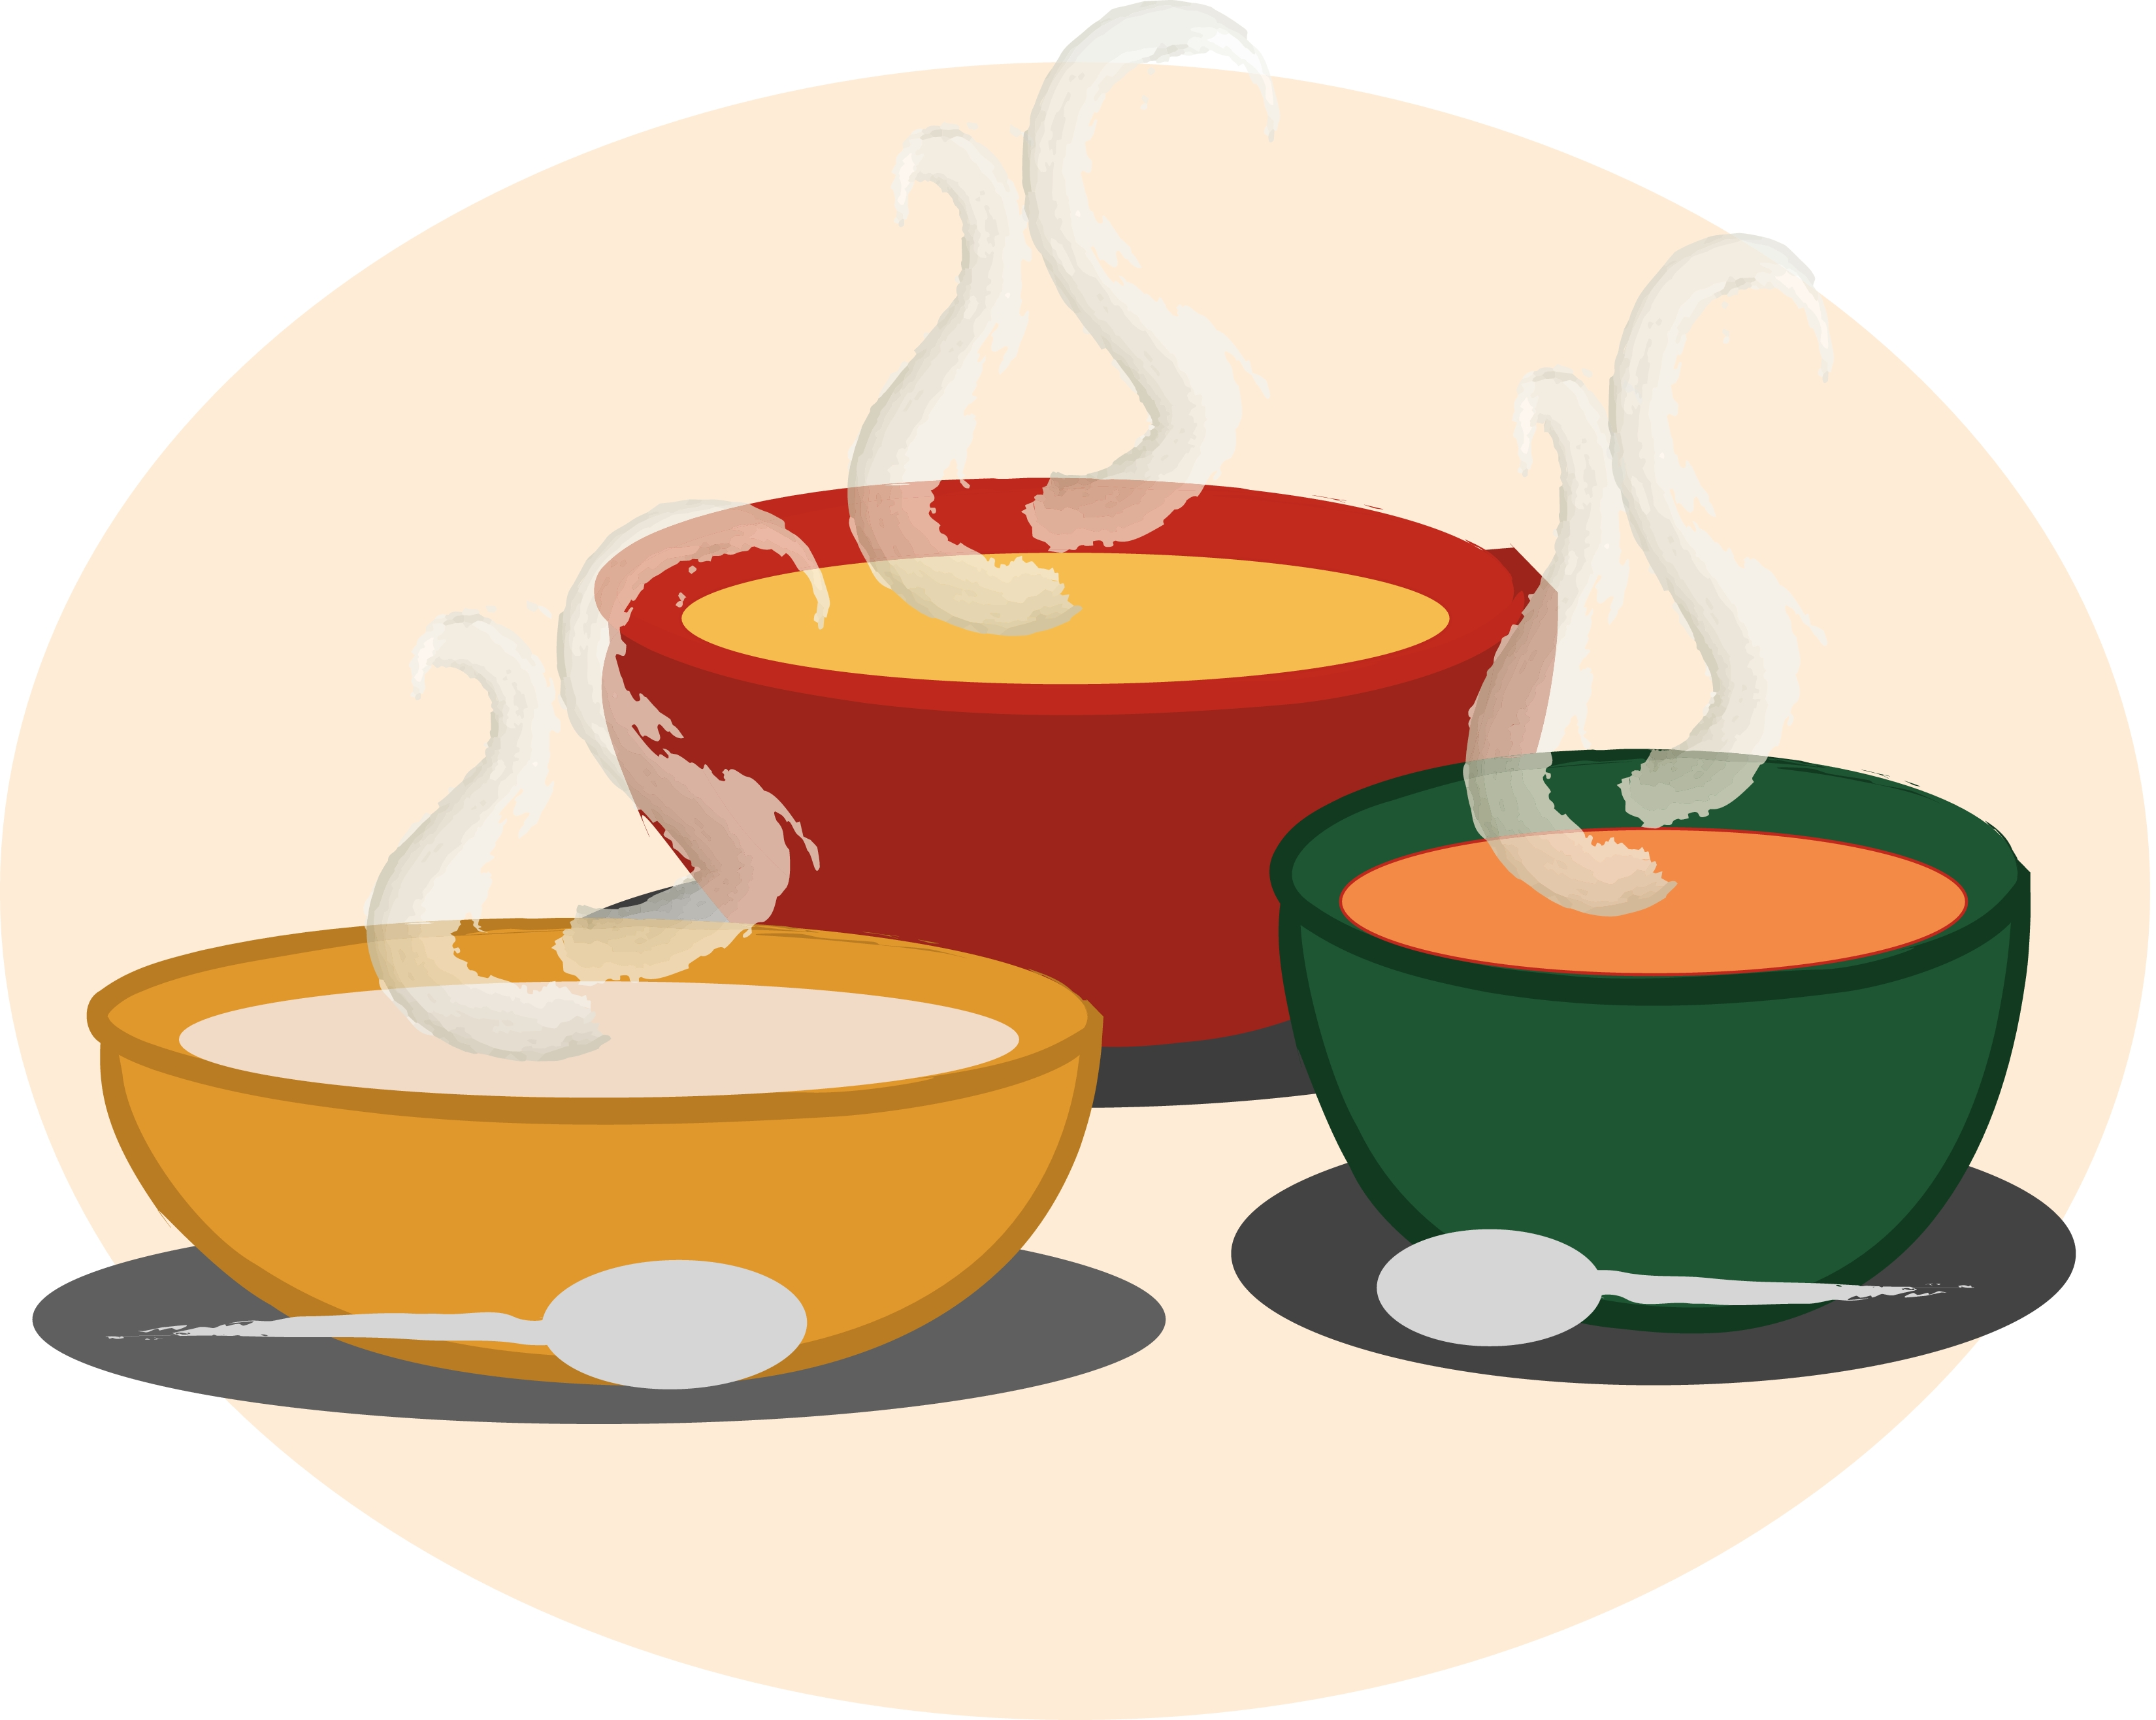 Soup clip art pictures free clipart imag-Soup clip art pictures free clipart images 2-1